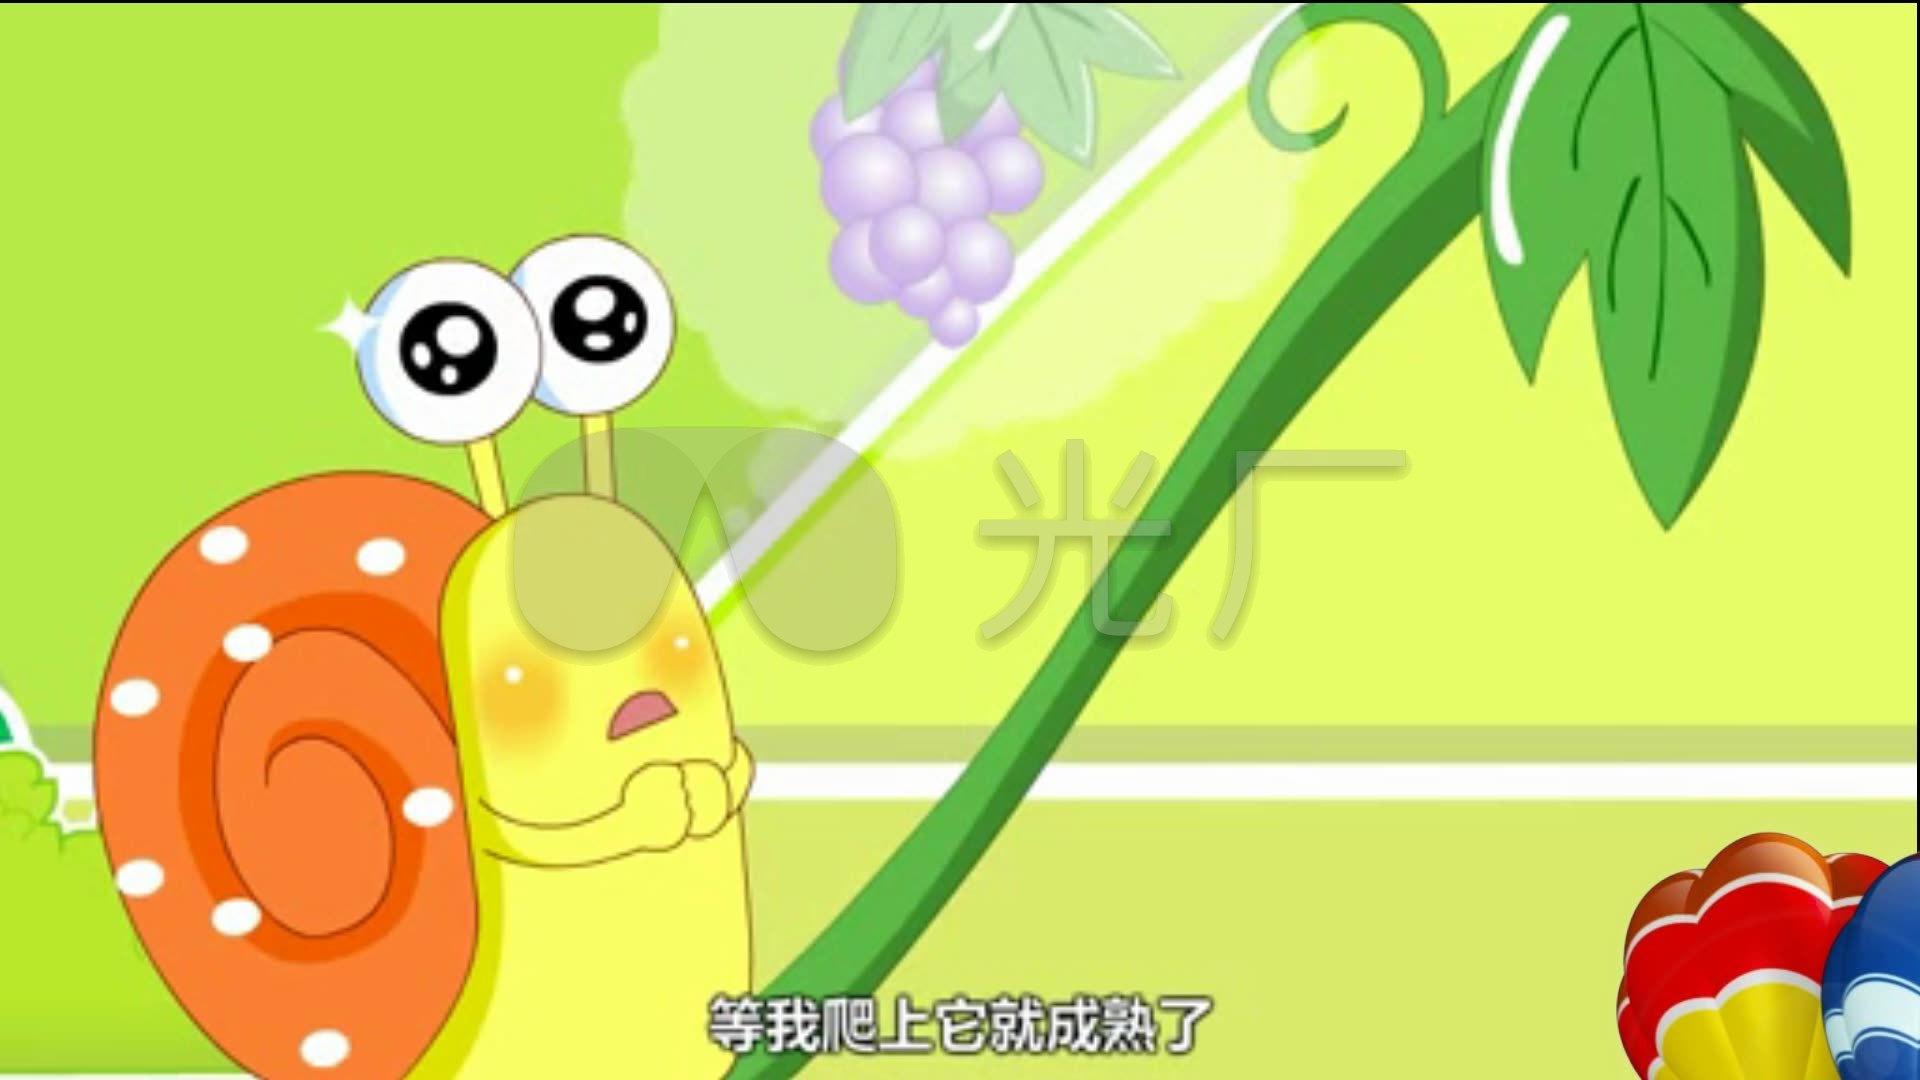 【教程与儿歌鸟】动漫卡通黄鹂_1920X1080_网蜗牛机刷图片